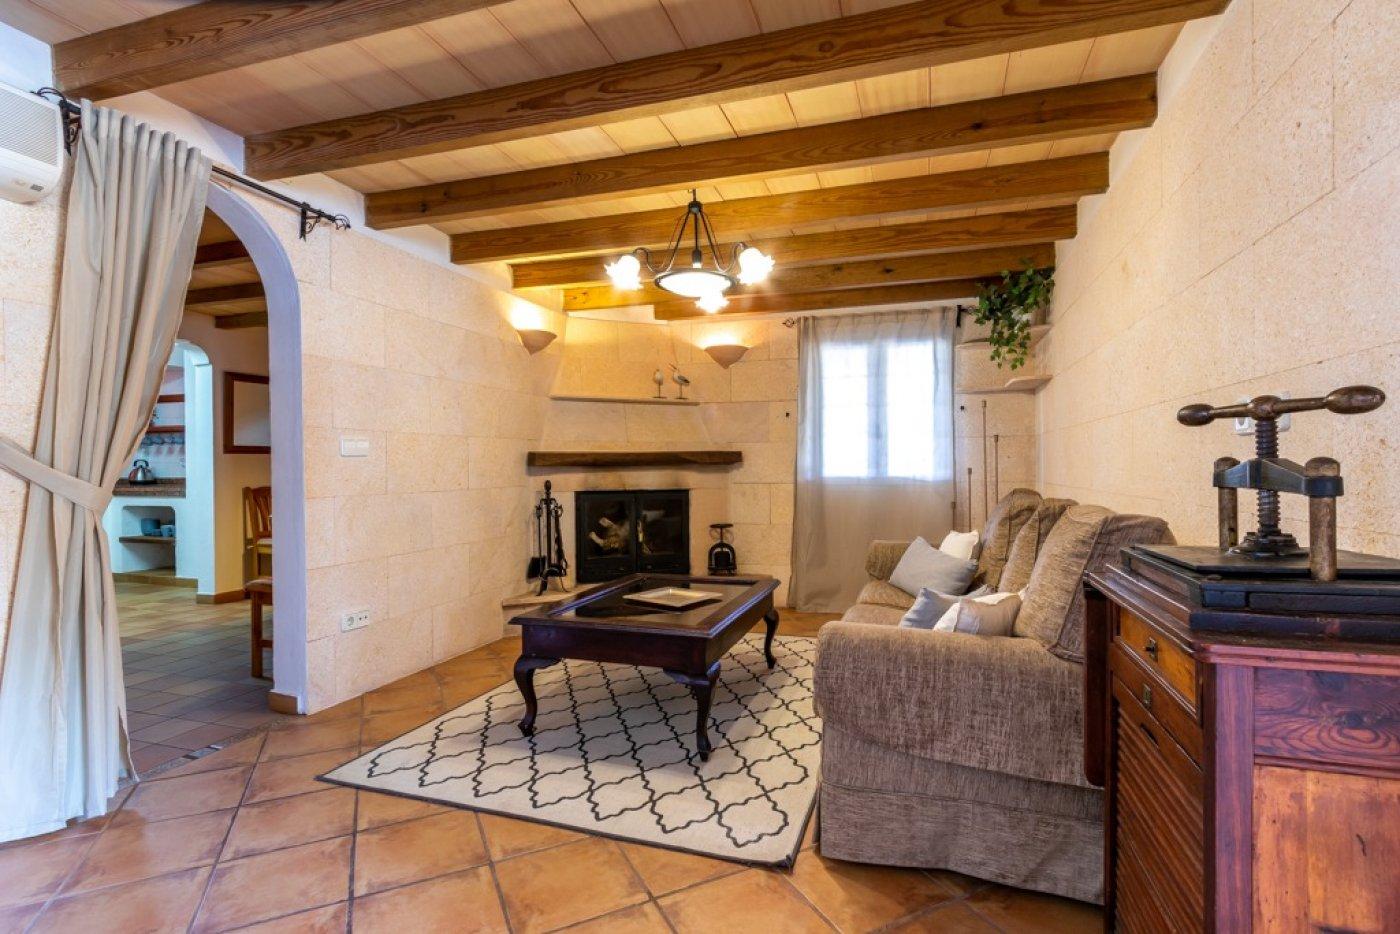 Magnifica villa en ses salines - can somni - ideal inversores turÍsticos - imagenInmueble12